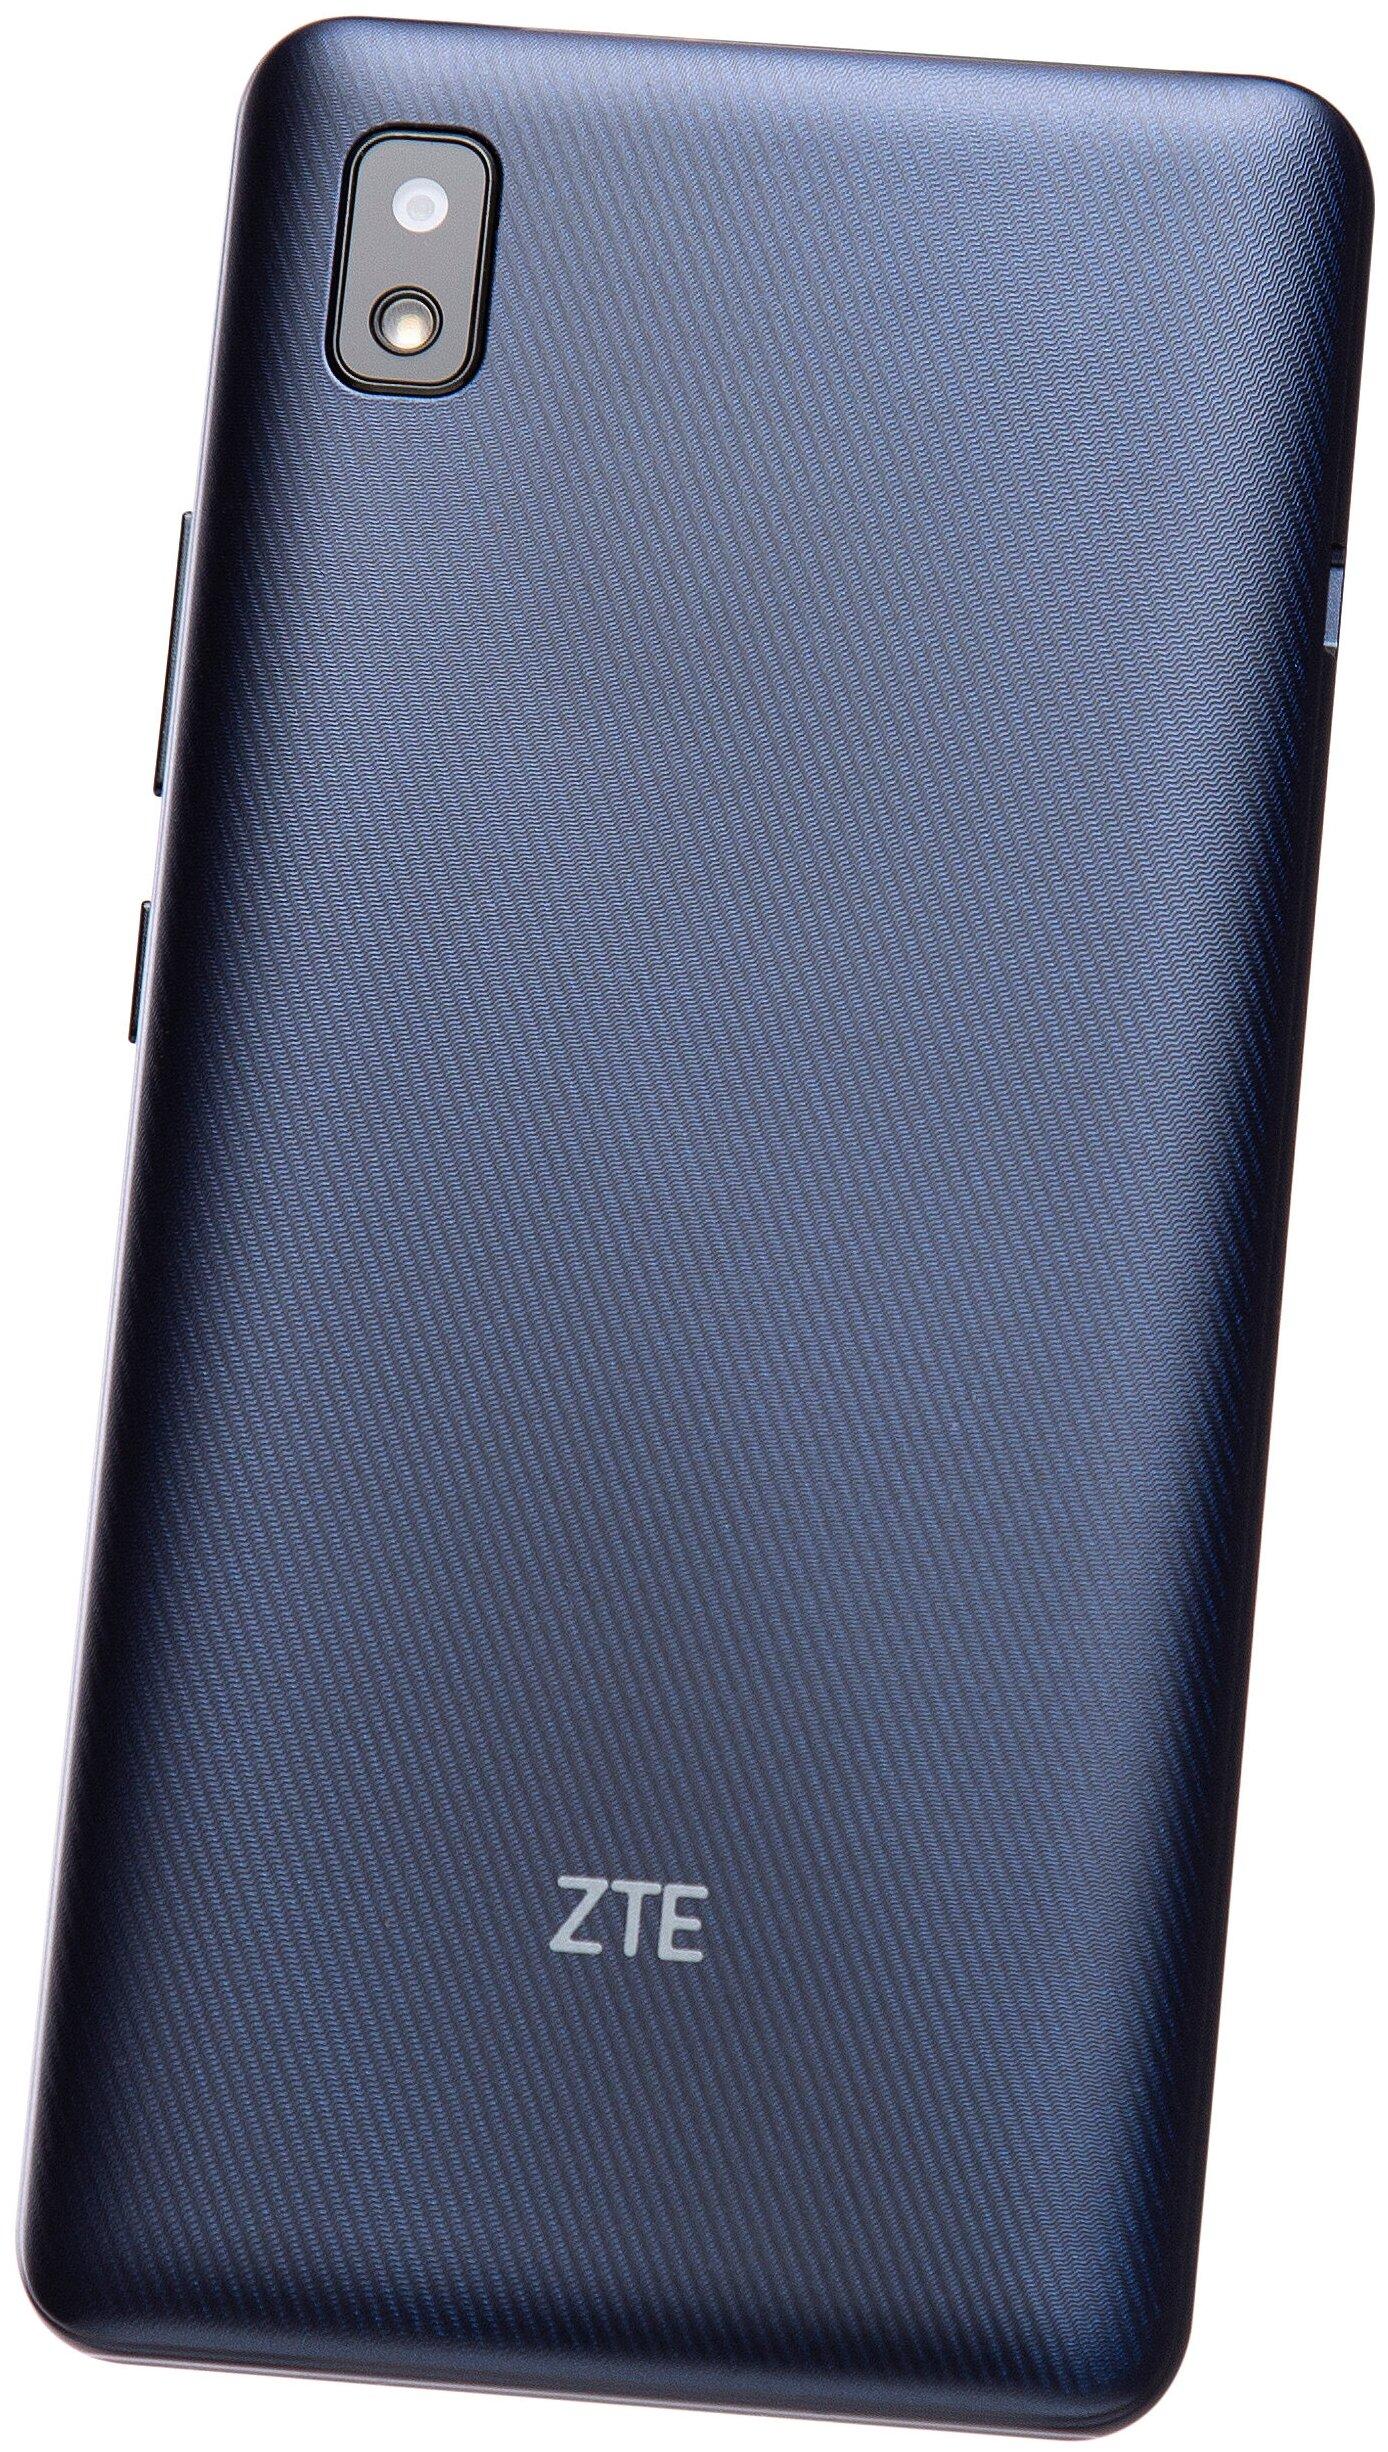 ZTE Blade L210 - камера: 5МП